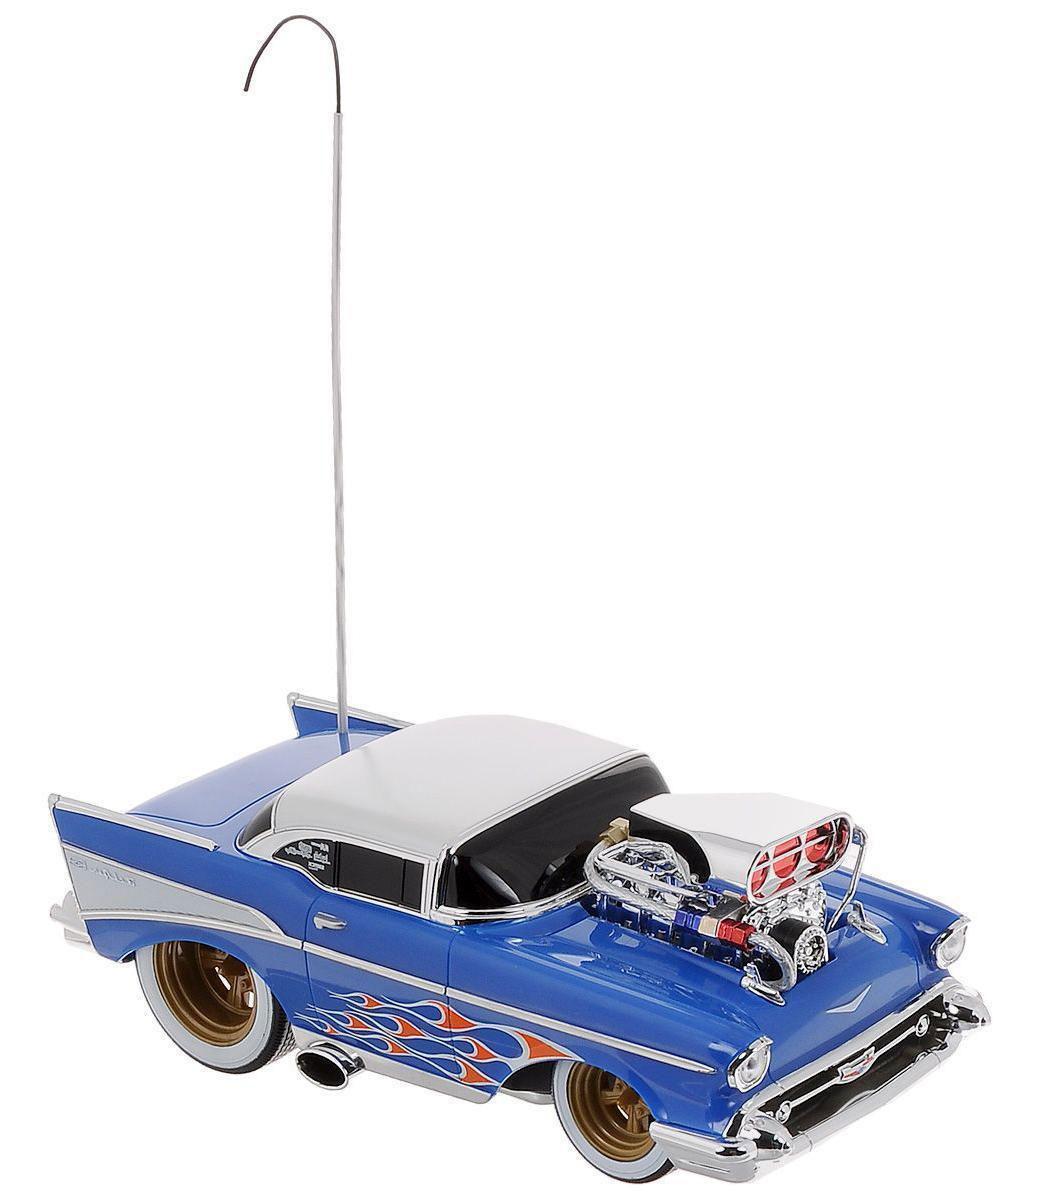 Maisto Радиоуправляемая модель Chevrolet Bel Air81302Радиоуправляемая машина Chevrolet Bel Air доставит массу приятных впечатлений людям любого возраста. Игрушка отличается ярким, стильным дизайном и удобным управлением. Это самый настоящий раритетный автомобиль 1957 года, для любителей автомобильной техники и стиля Ретро. Модель дополнена хромированными деталями и двигателем на капоте. Полный привод (вперед, назад, вправо, влево) обеспечивает отличную проходимость. Модель обладает высокой стабильностью движения, что позволяет полностью контролировать процесс, управляя уверенно и без суеты. При движении машины вперед и назад, загорается подсветка. Пульт в оригинальном исполнении в виде автомобильного колеса. Такая модель станет отличным подарком не только любителю автомобилей, но и человеку, ценящему оригинальность и изысканность, а качество исполнения представит такой подарок в самом лучшем свете. Для работы пульта необходимо 2 батарейки типа АА, для работы автомобиля - 3 батарейки типа...